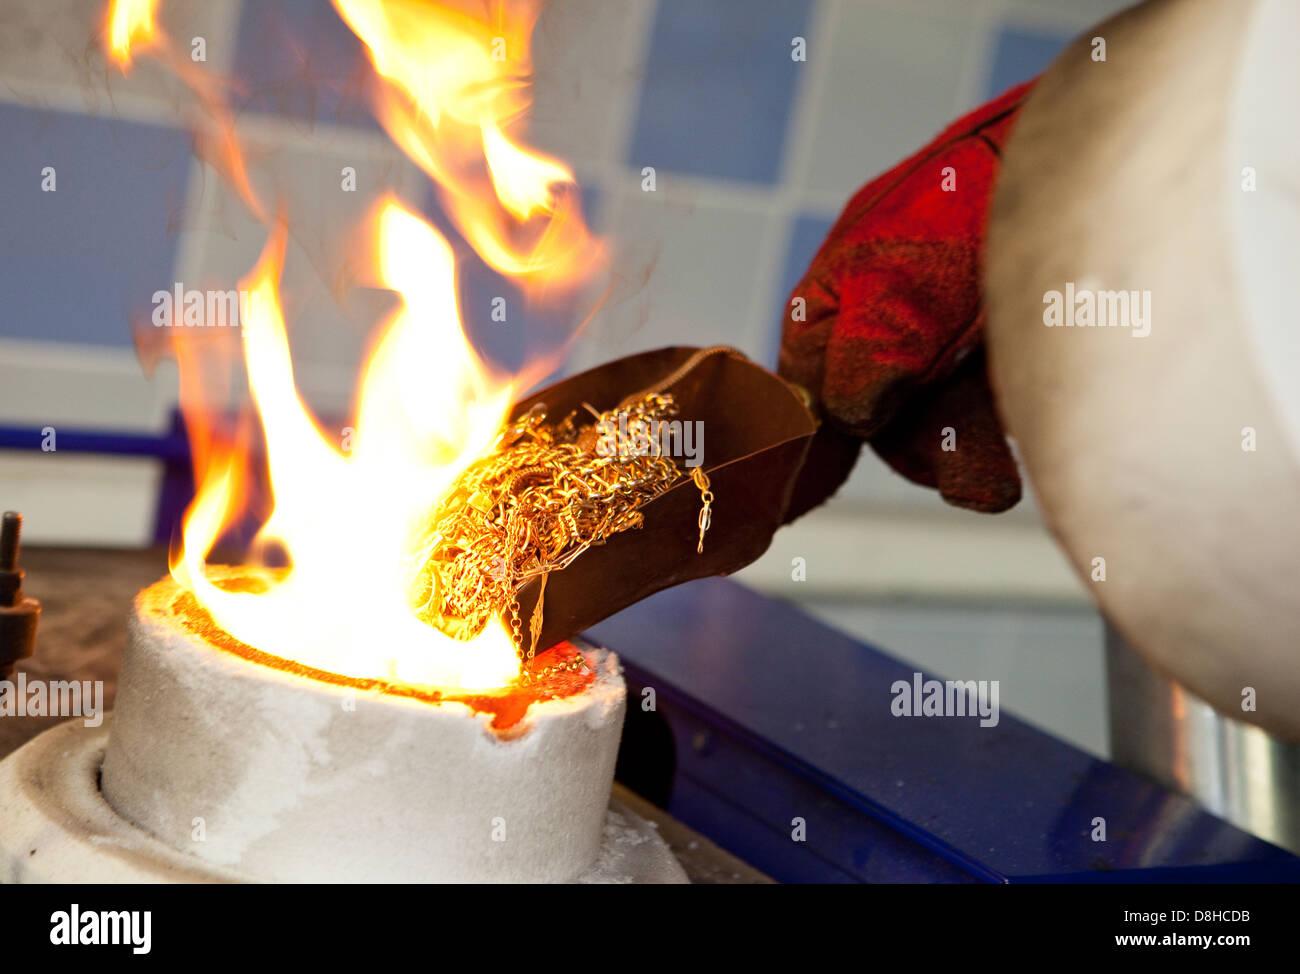 Recyclage déchets d'or pour faire une barre d'or en fusion à la London Assay Office dans la gouttière Lane Crédit photo: David Levenson Banque D'Images